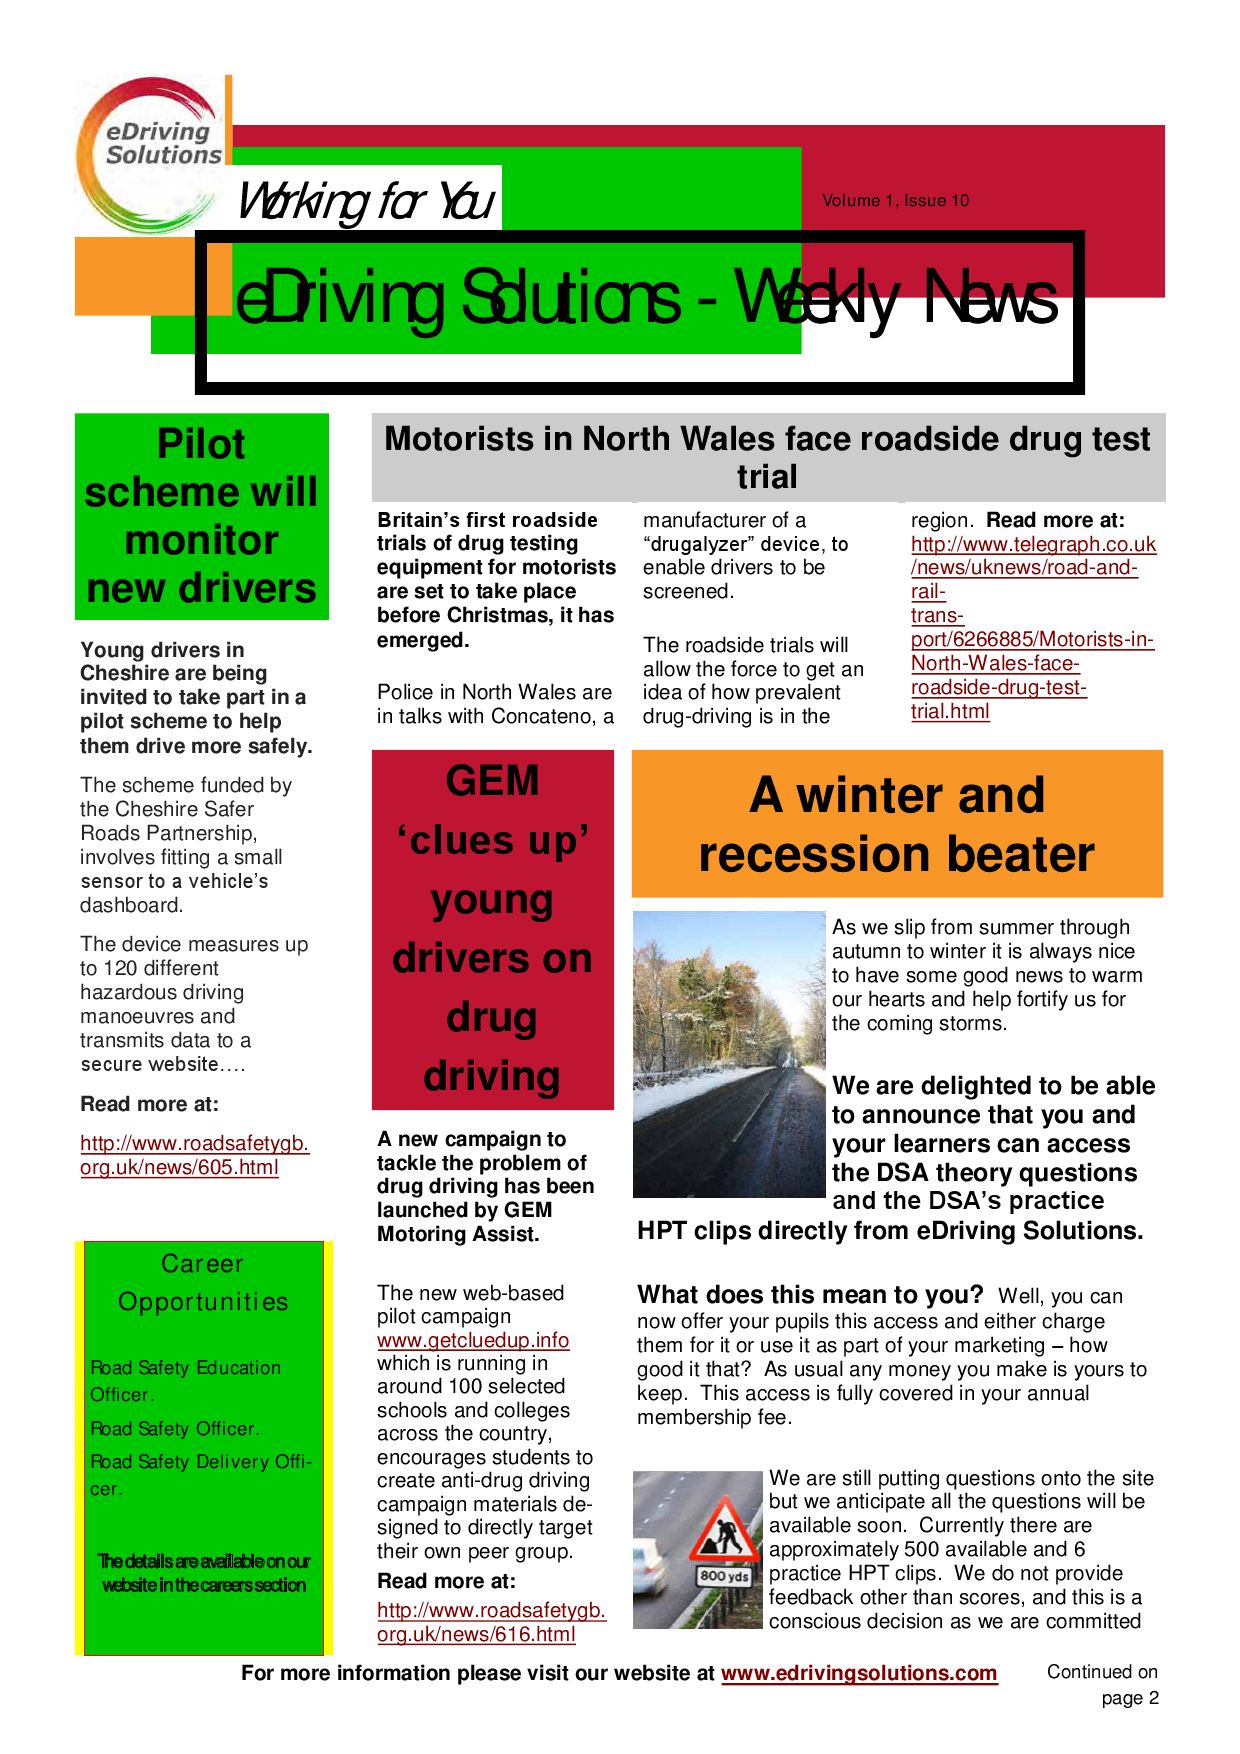 Newsletter Volume 1 Issue 10 - 07/10/09 by eDriving